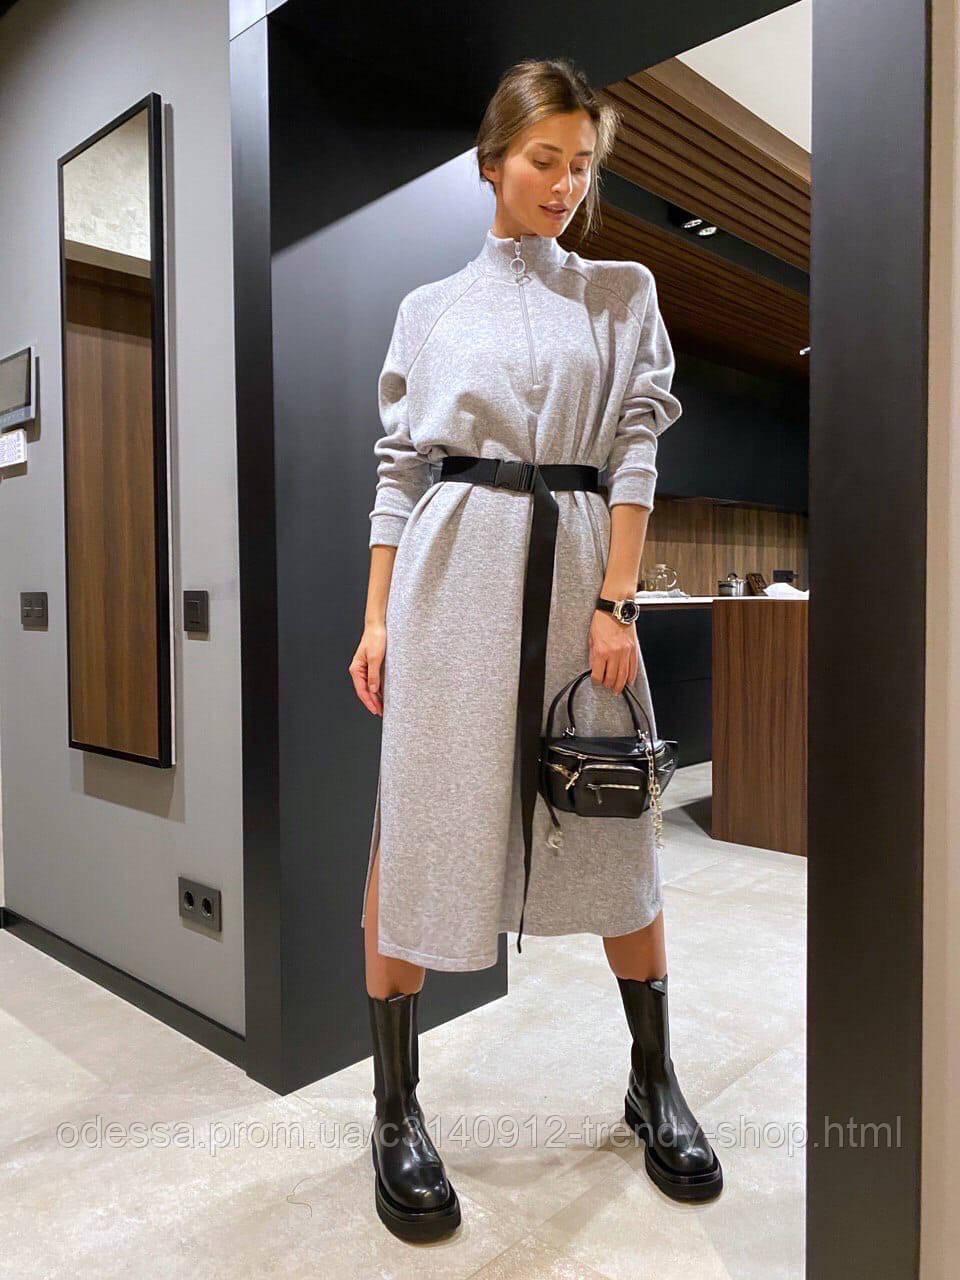 Платье женское тёплое с поясом беж, чёрный, серый 42-46